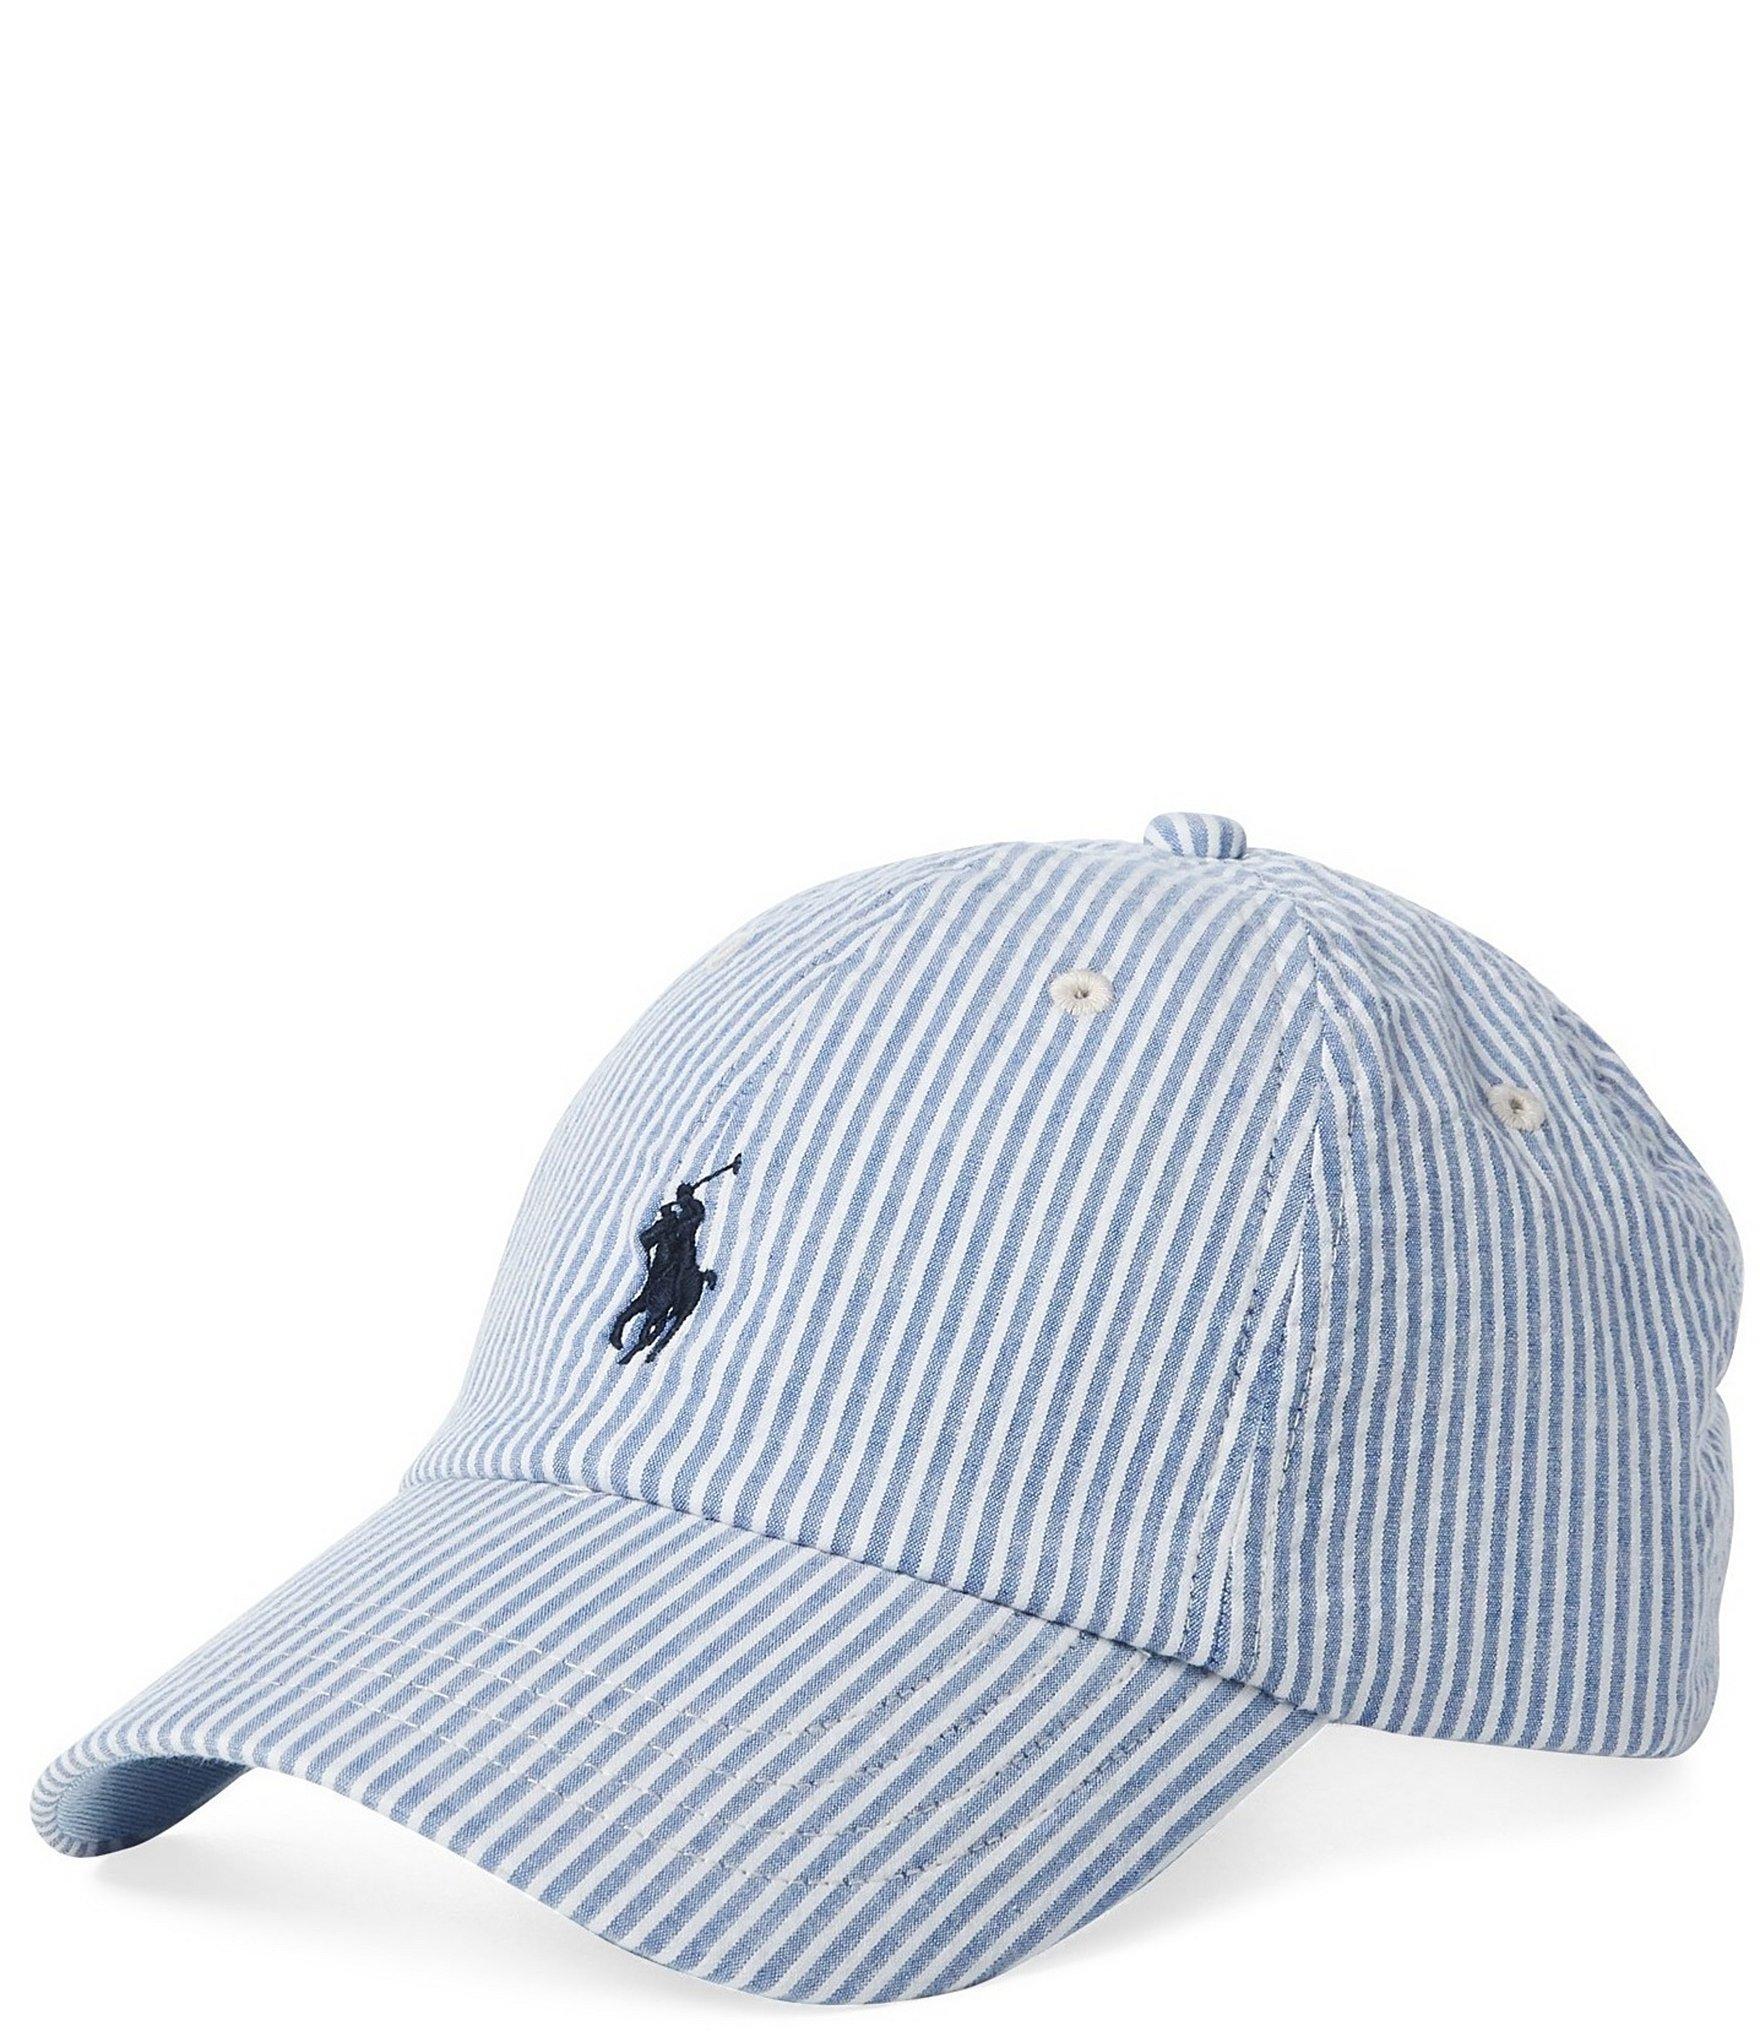 Lyst - Polo Ralph Lauren Seersucker Baseball Cap in Blue for Men 3cf19ee520ea